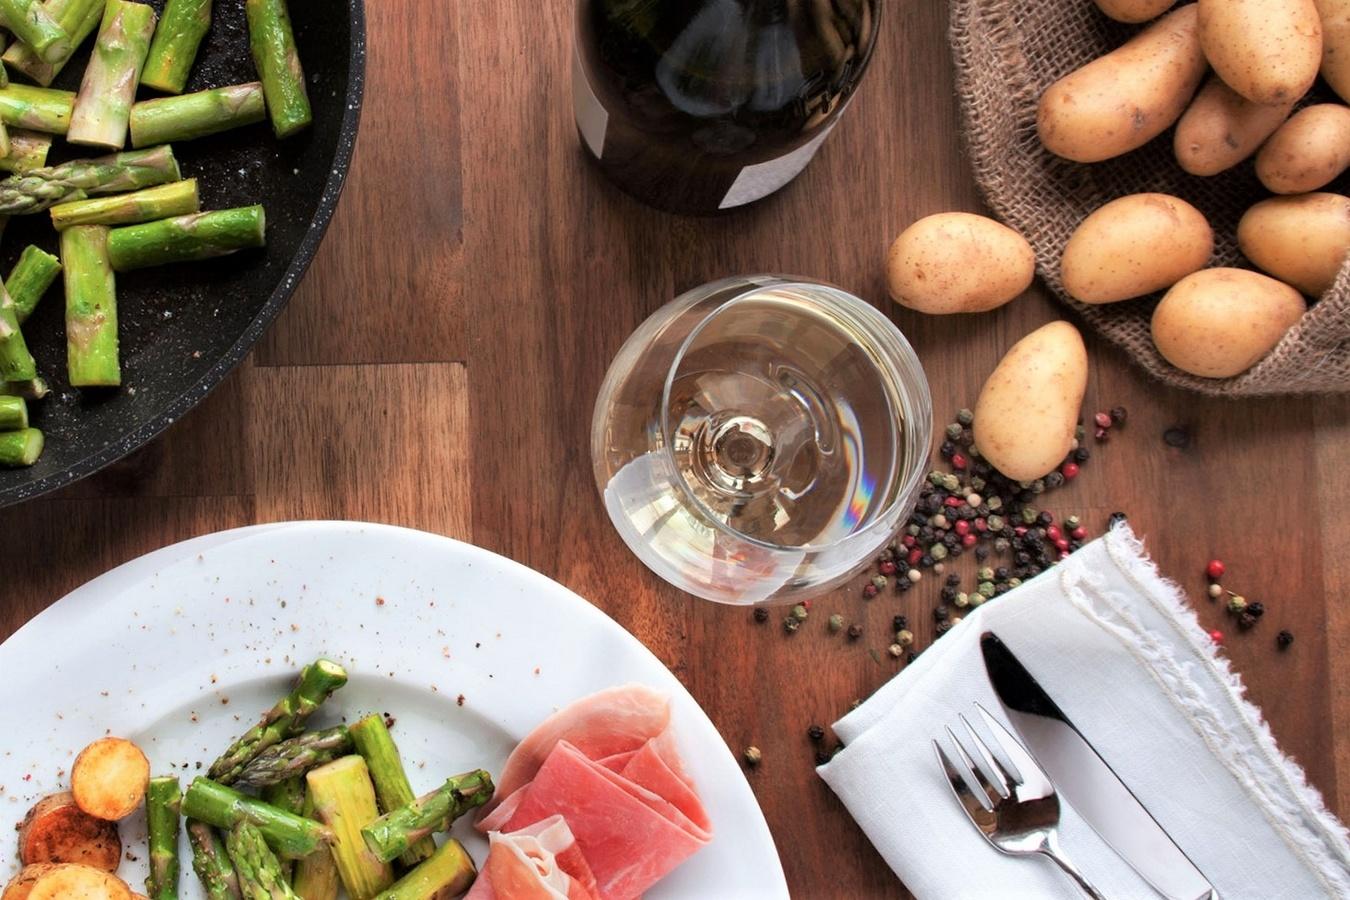 corso di degustazione e abbinamento cibo vino la palestra del cibo scuola di cucina